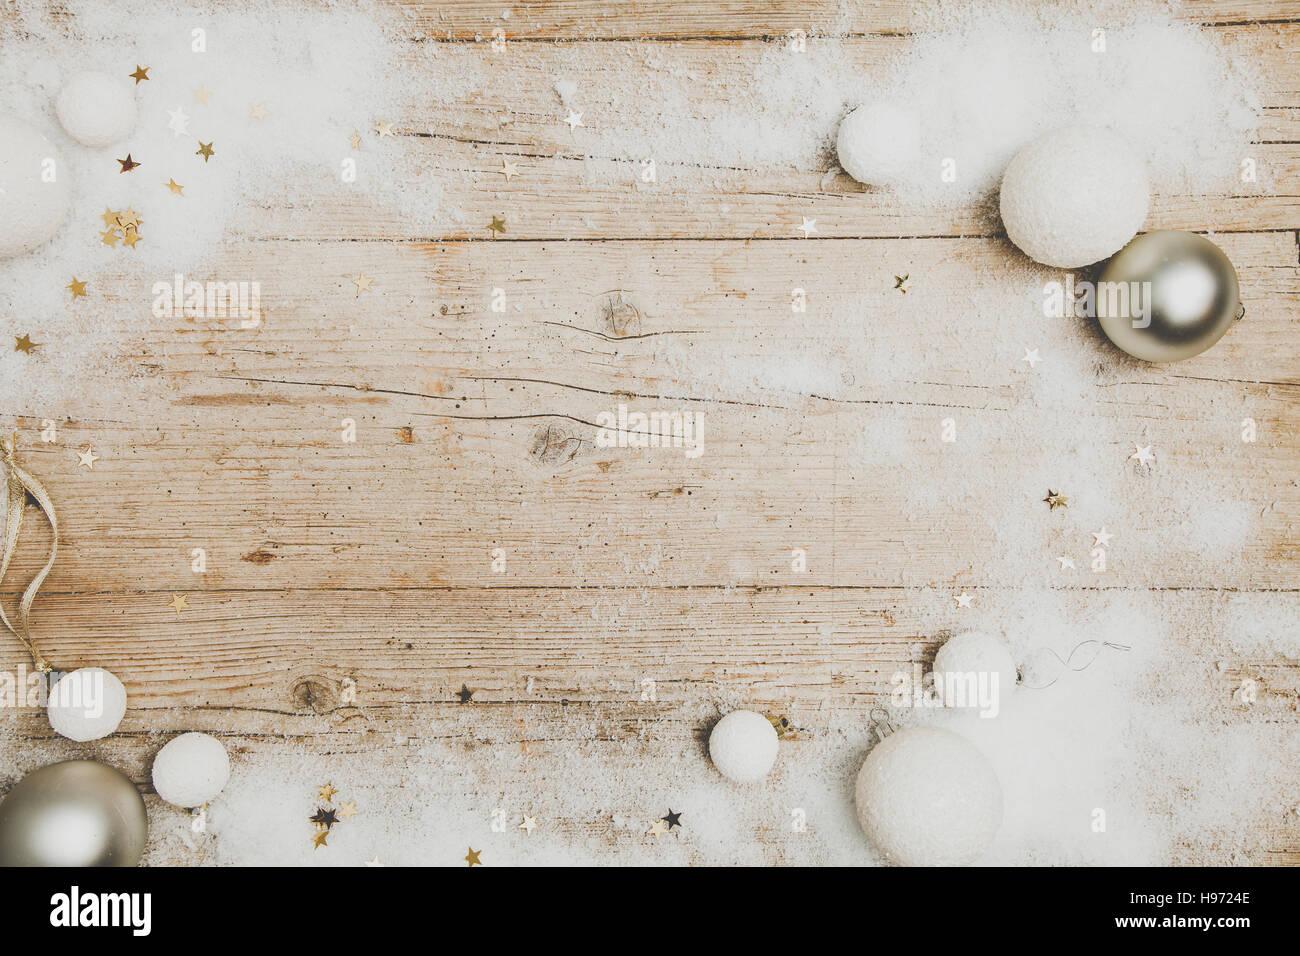 Weihnachtlicher grauer Holz Hintergrund mit Deko - Stock Image